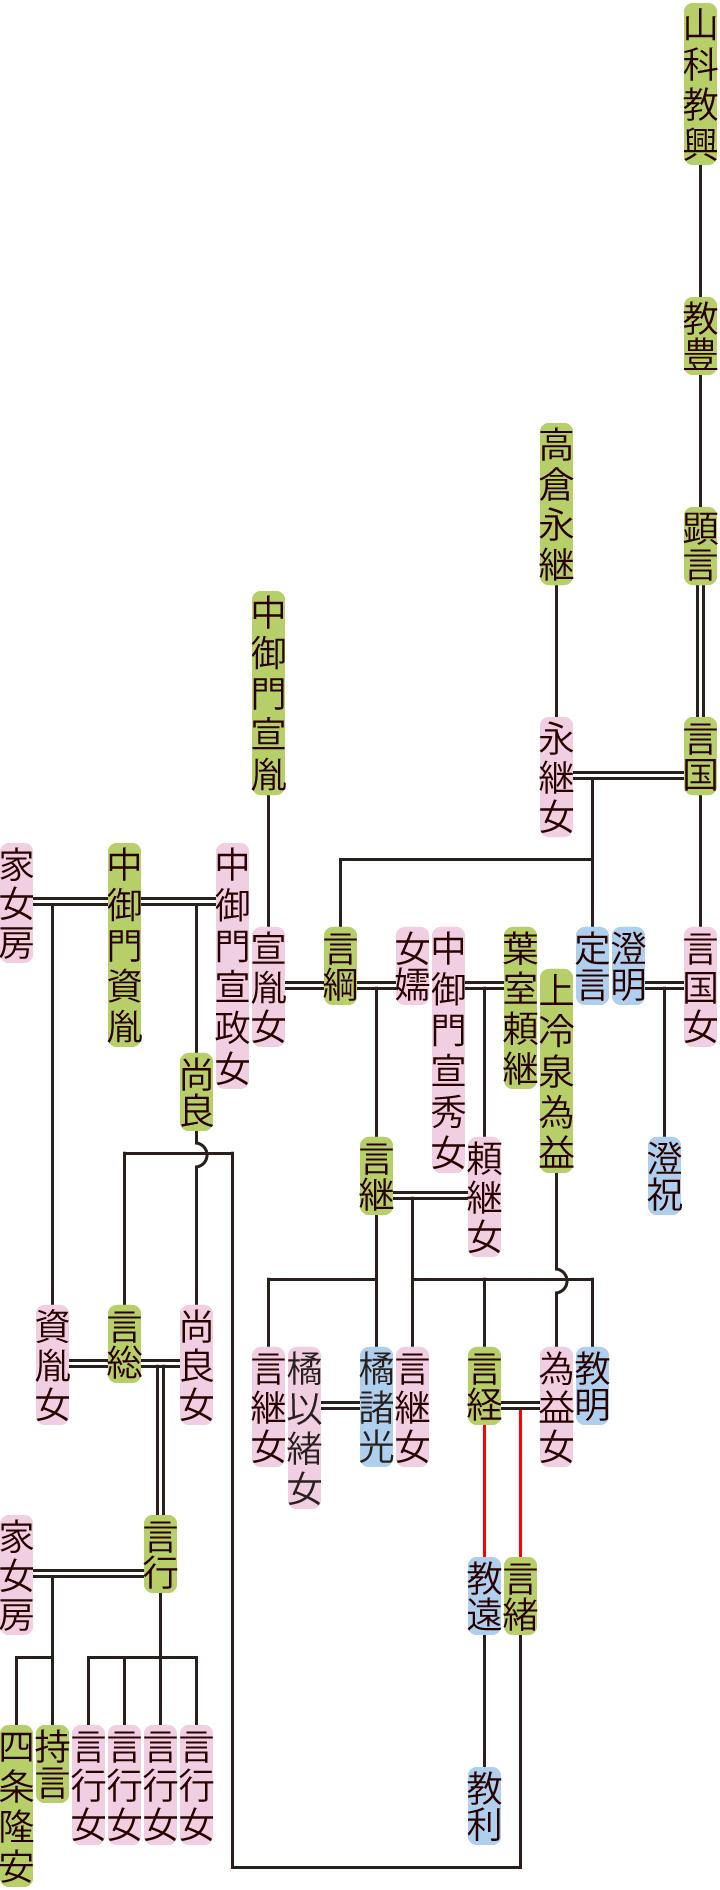 山科顕言~言総の系図